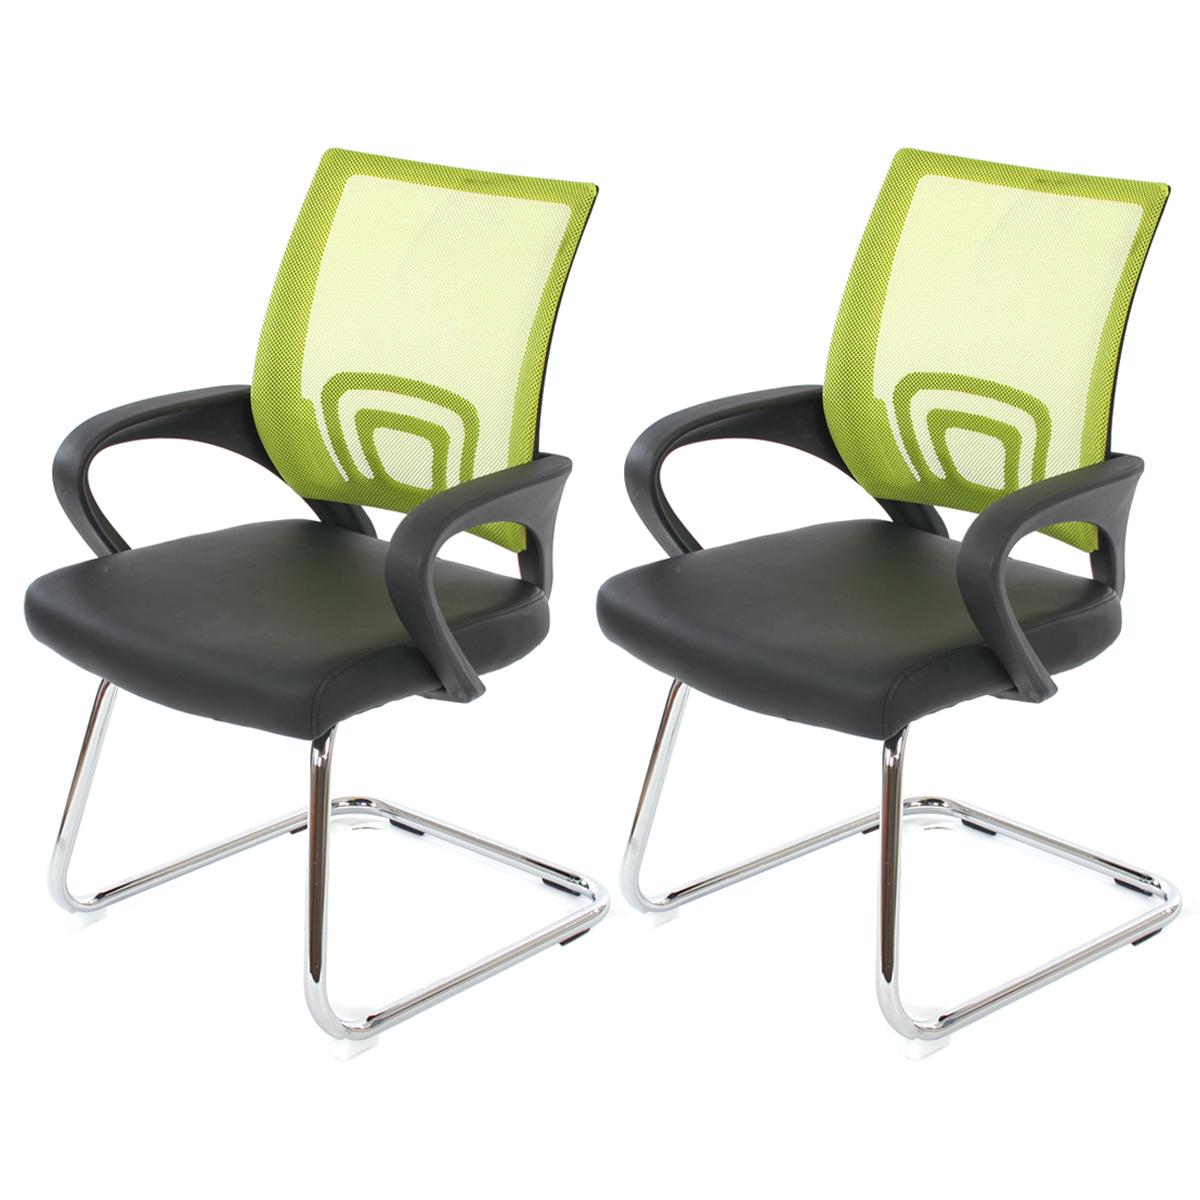 2x konferenzstuhl besucherstuhl ancona kunstleder ebay. Black Bedroom Furniture Sets. Home Design Ideas